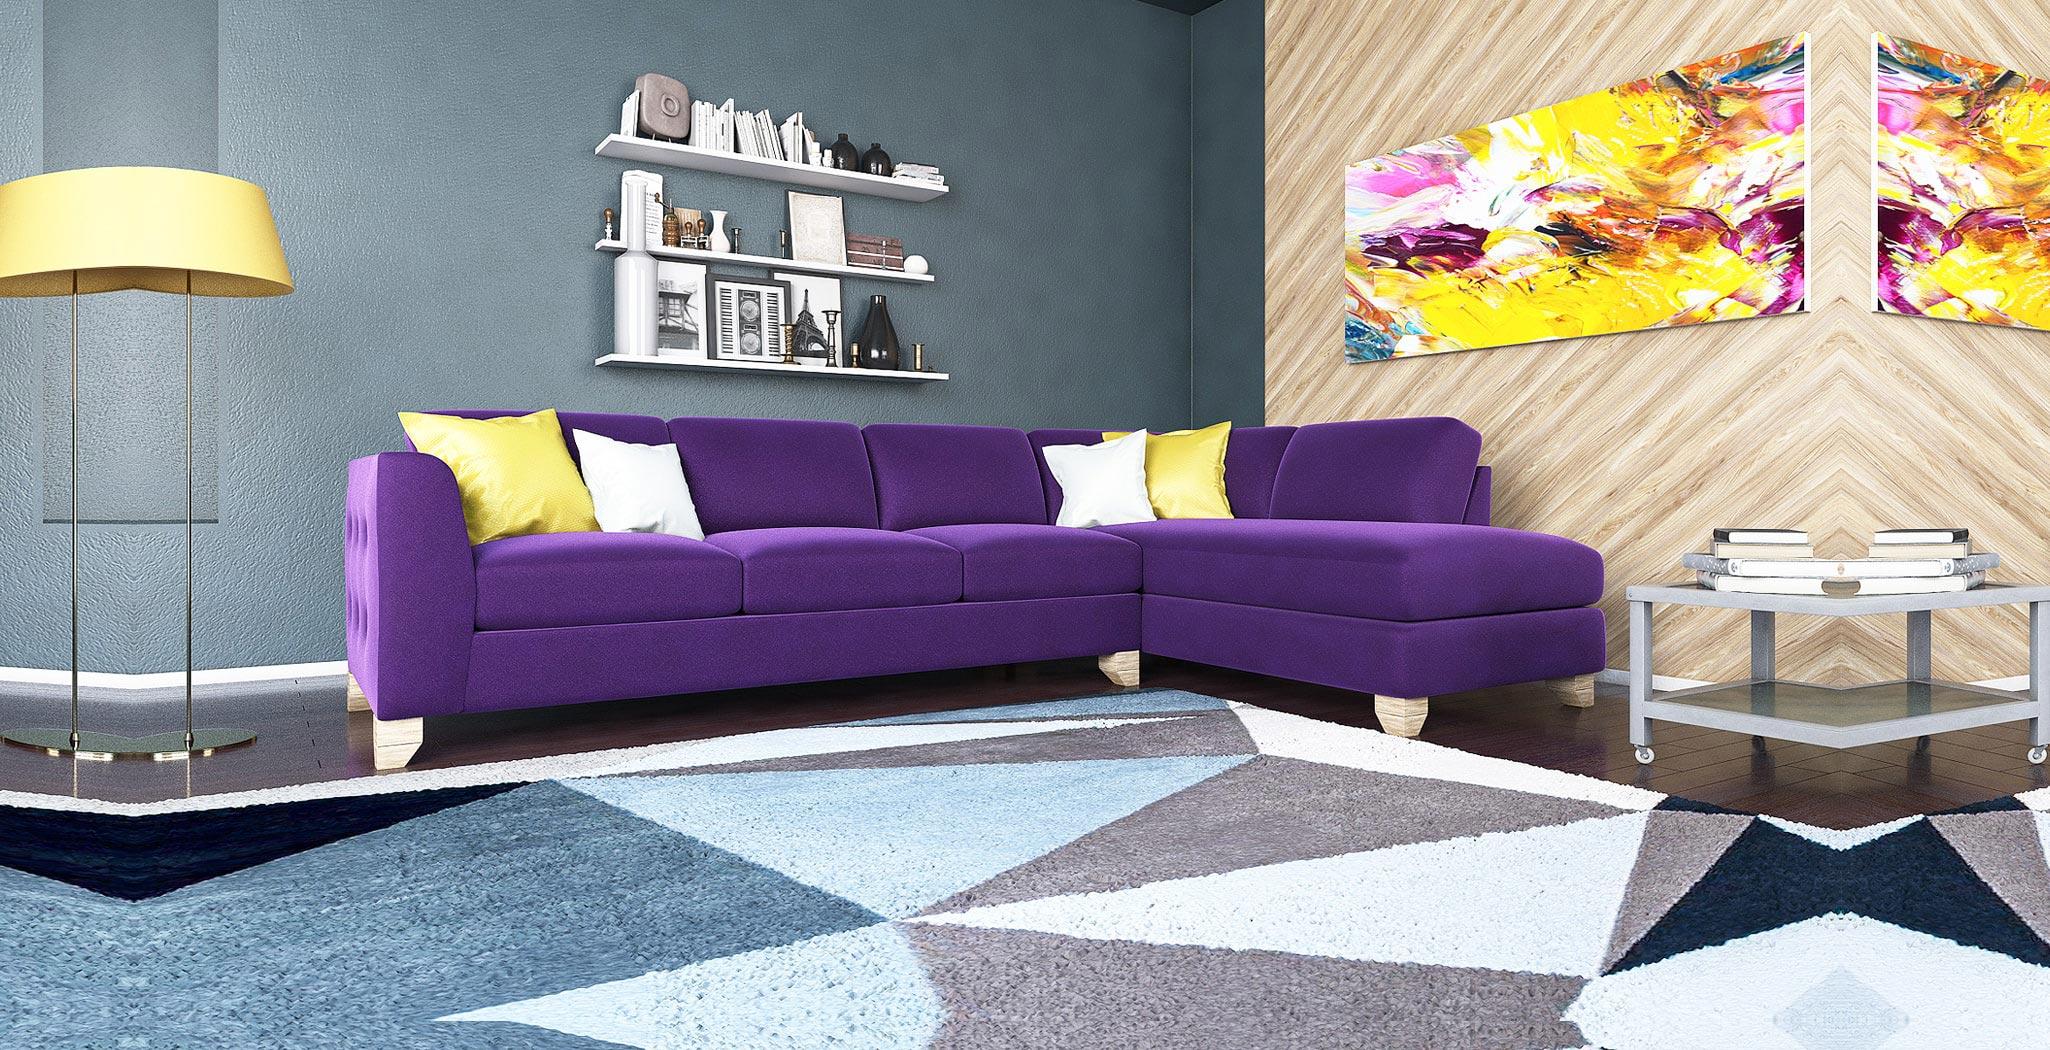 paris panel furniture gallery 4